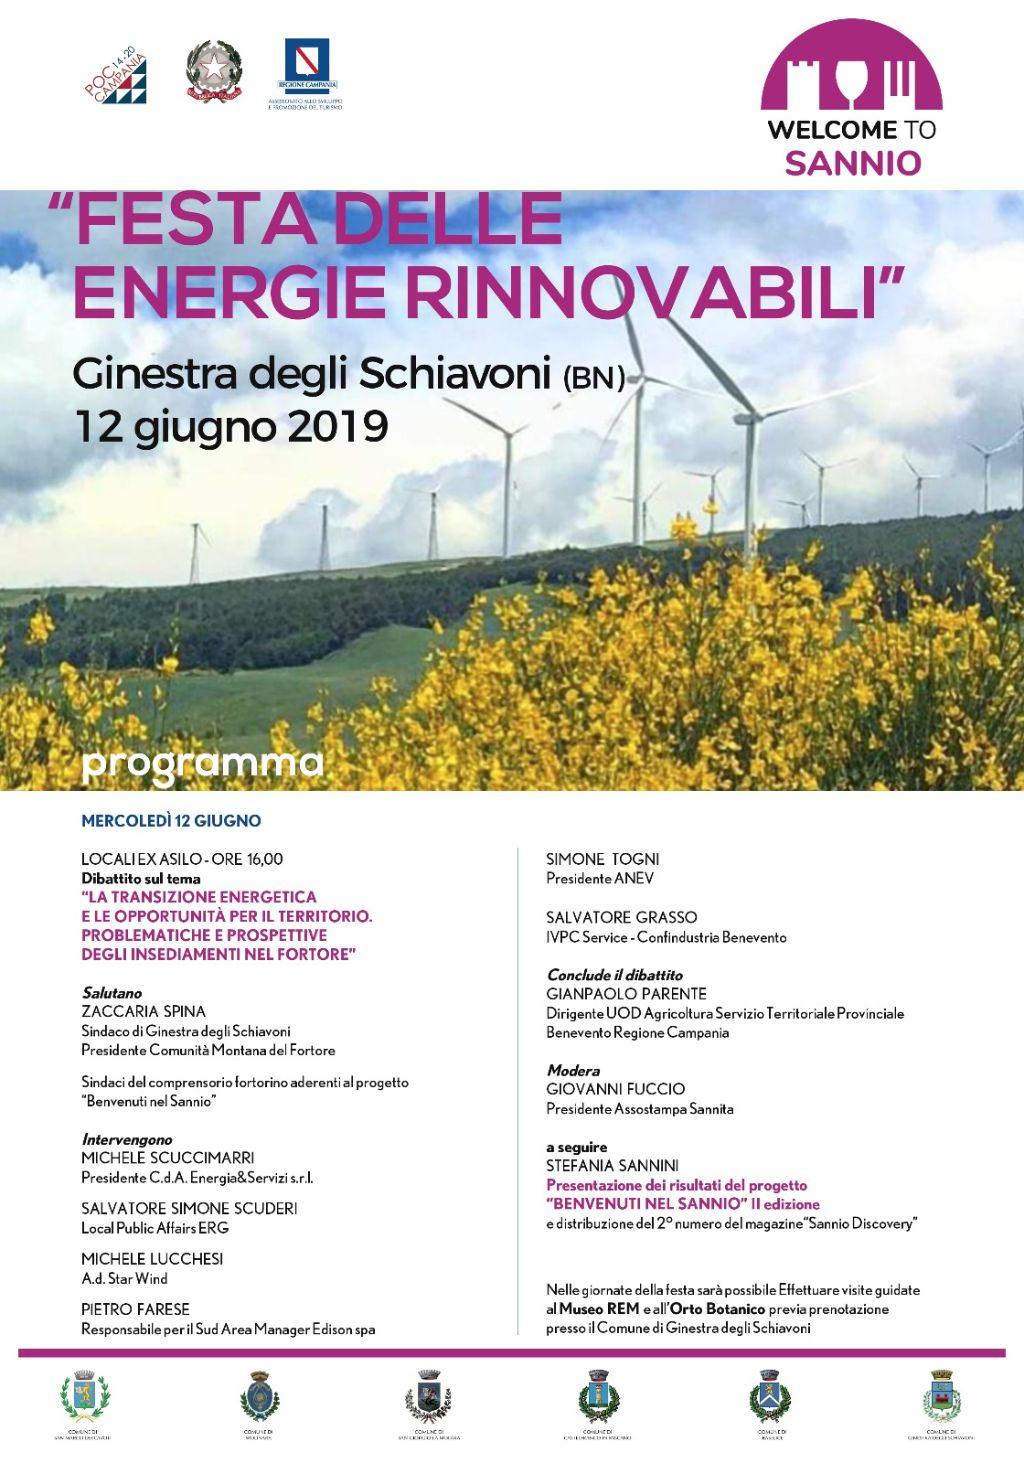 La 'Festa delle Energie Rinnovabili' di Ginestra degli Schiavoni chiude la II edizione di Welcome To Sannio